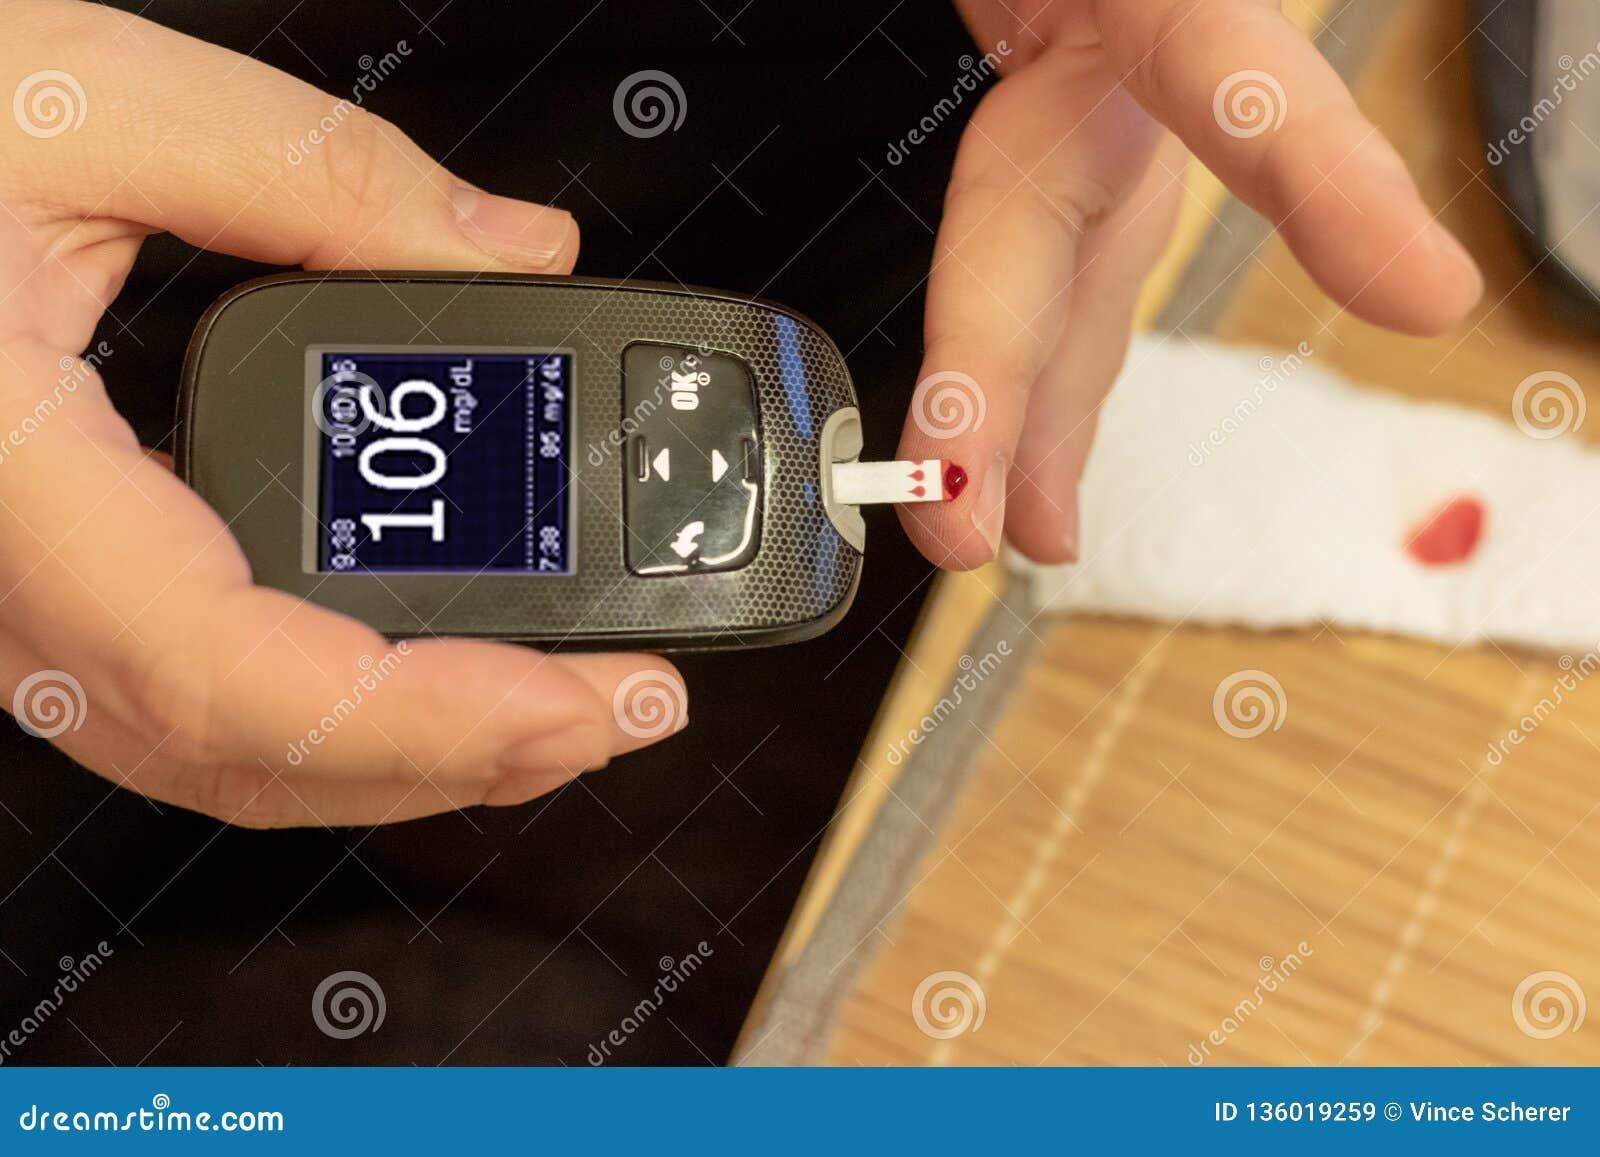 Azúcar de sangre de medición para las manos de la mujer de la diabetes